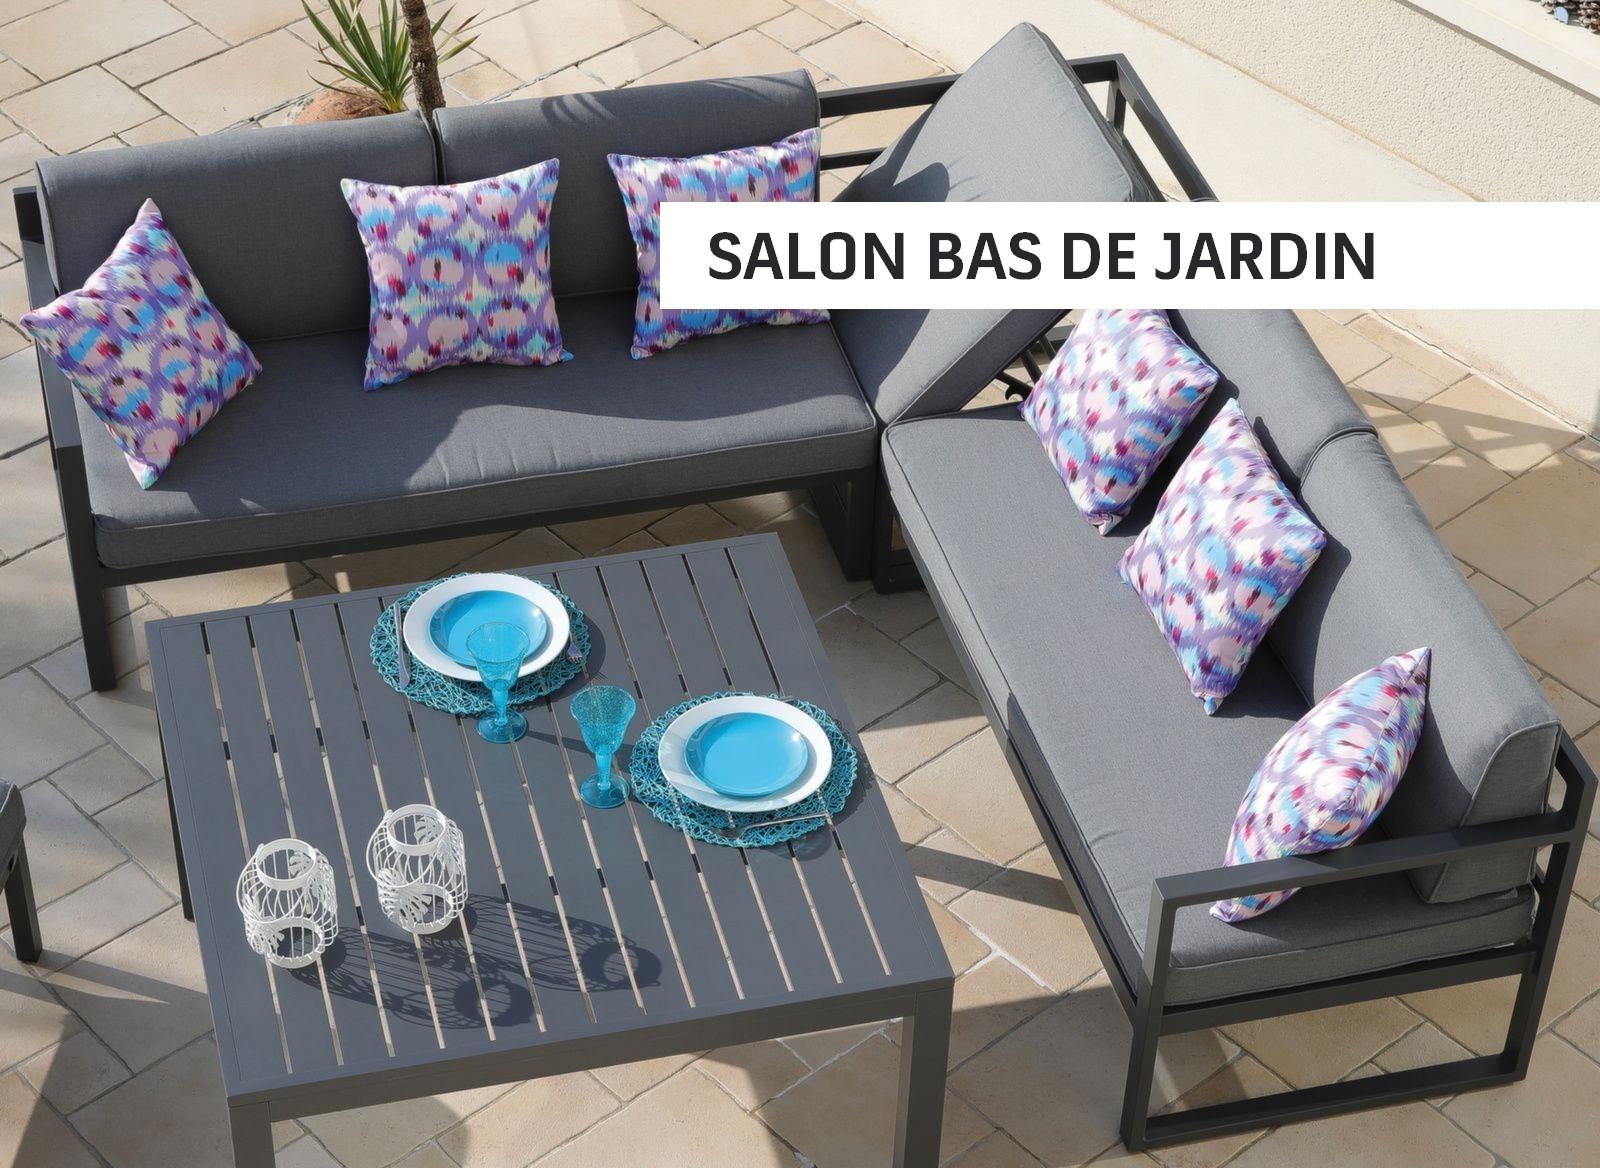 Salon bas de jardin